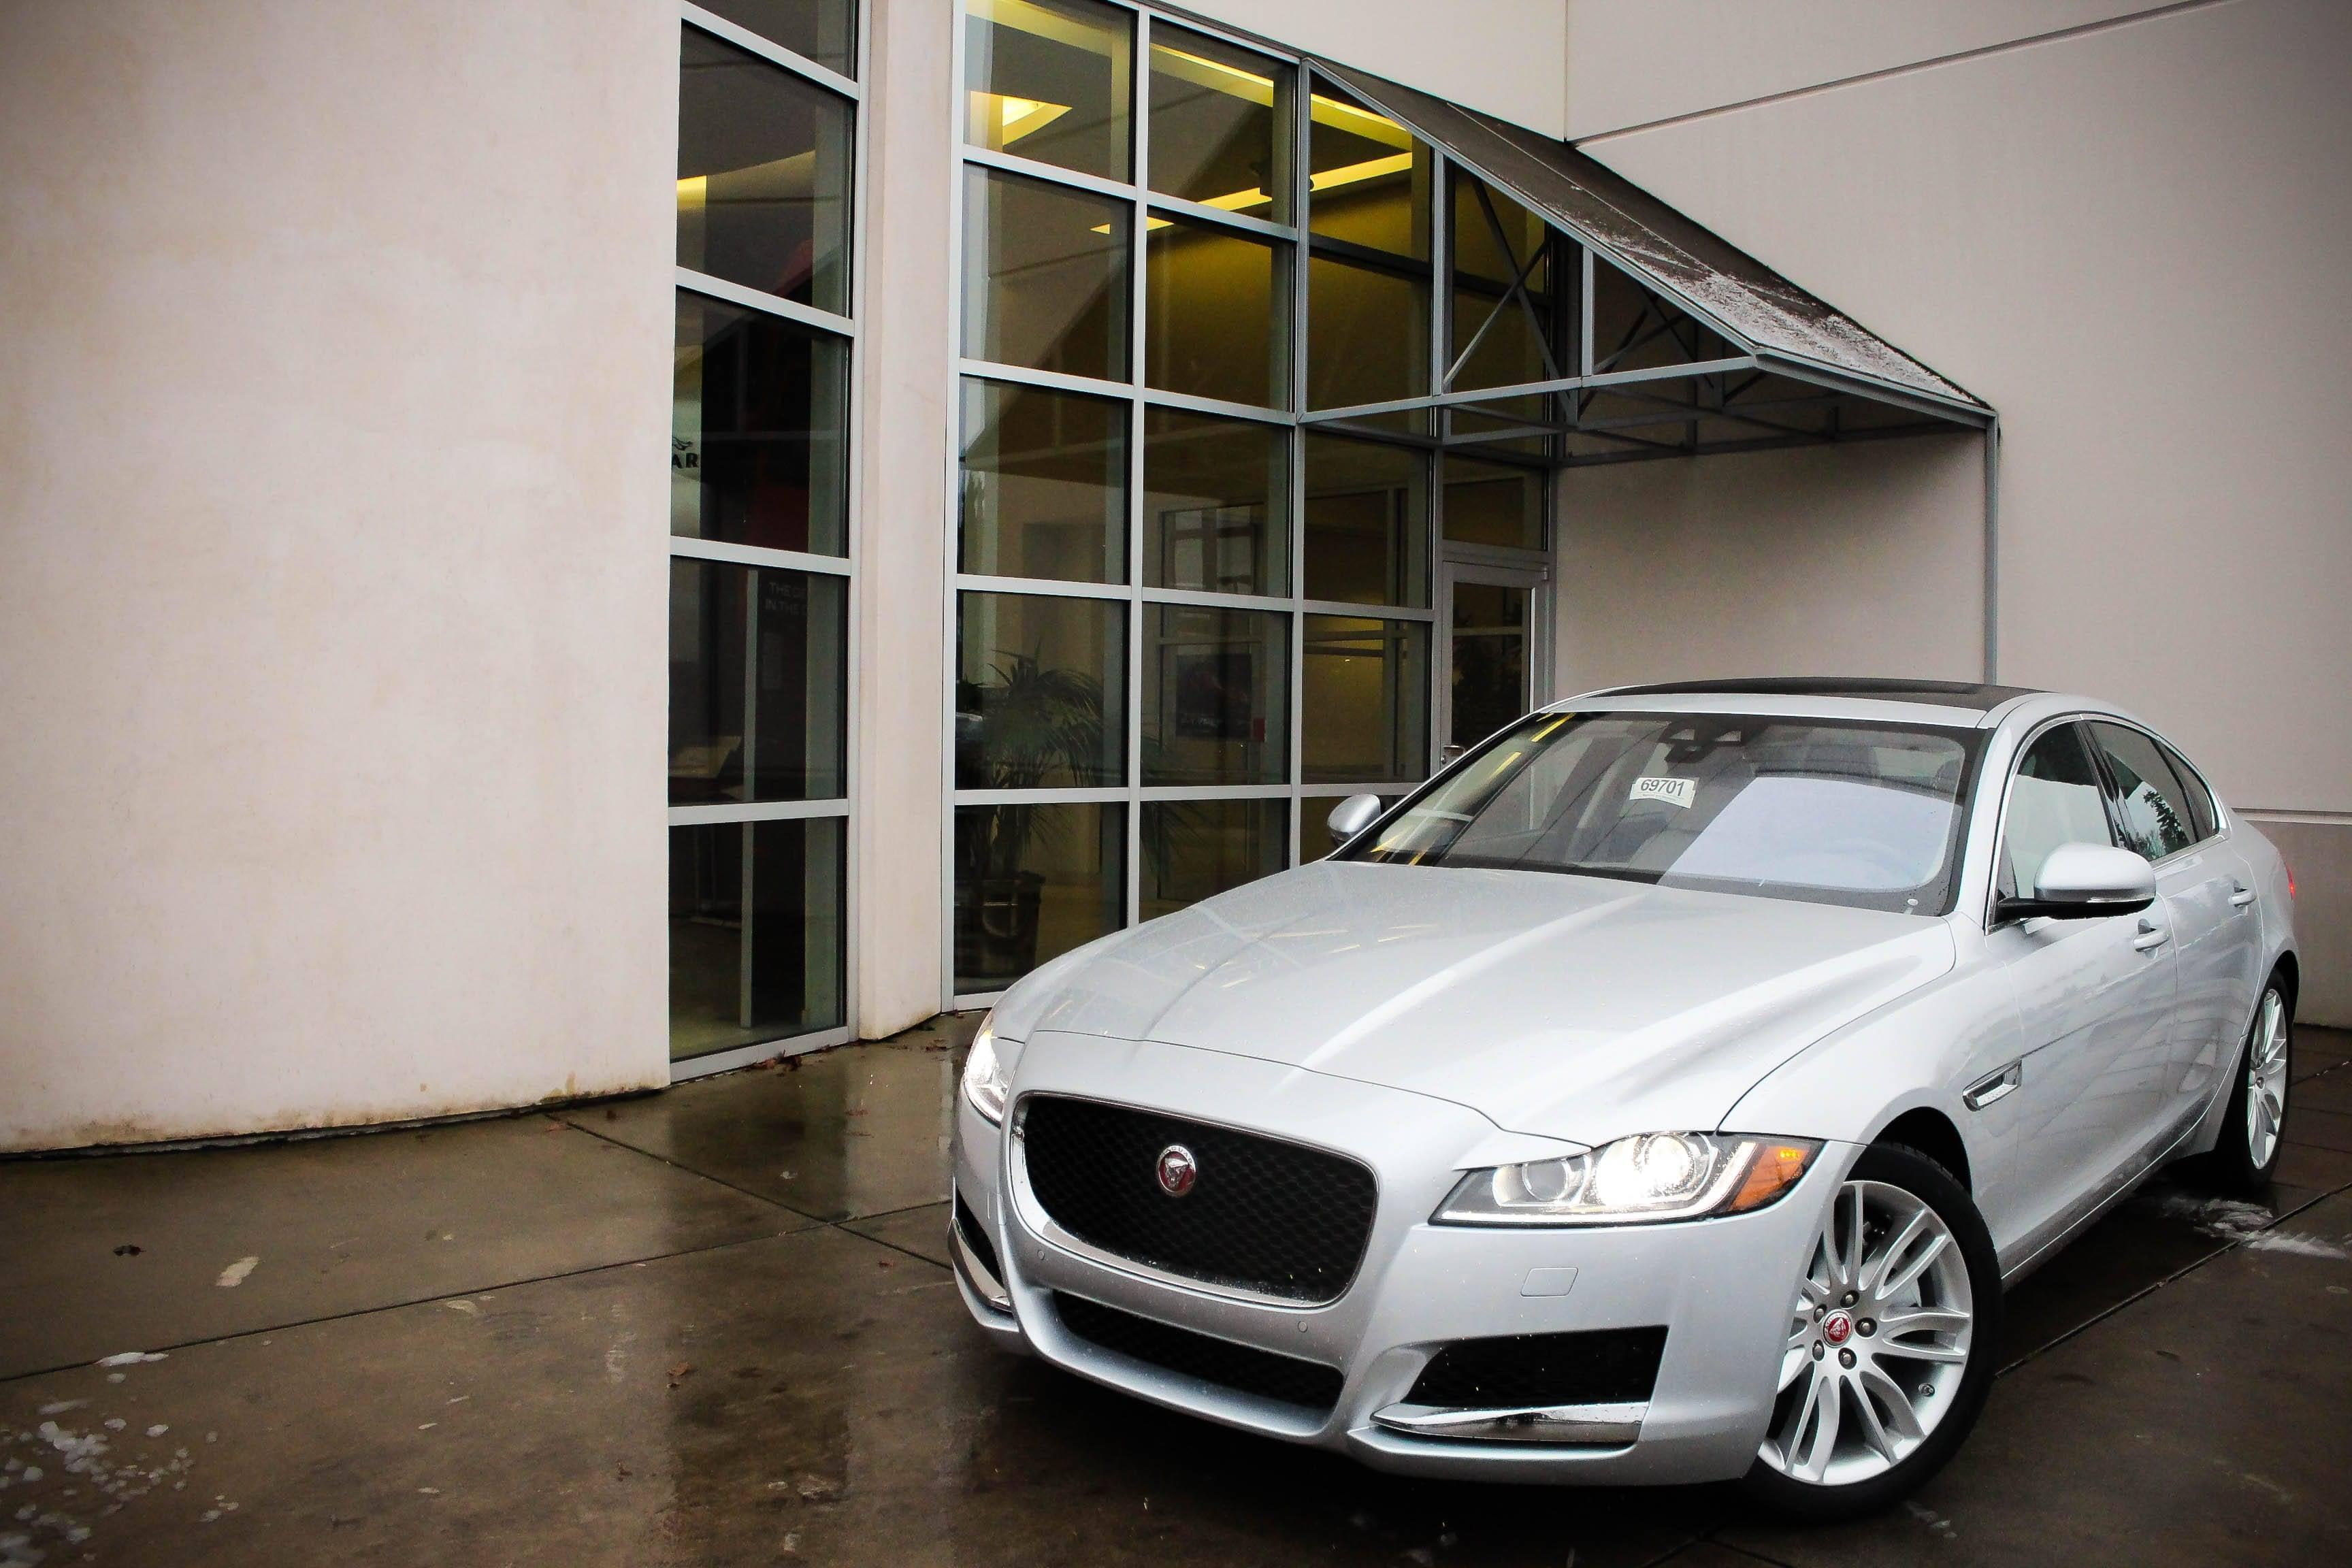 Land Rover Bellevue >> Jaguar & Used Car Dealer in Bellevue, WA   Jaguar Bellevue